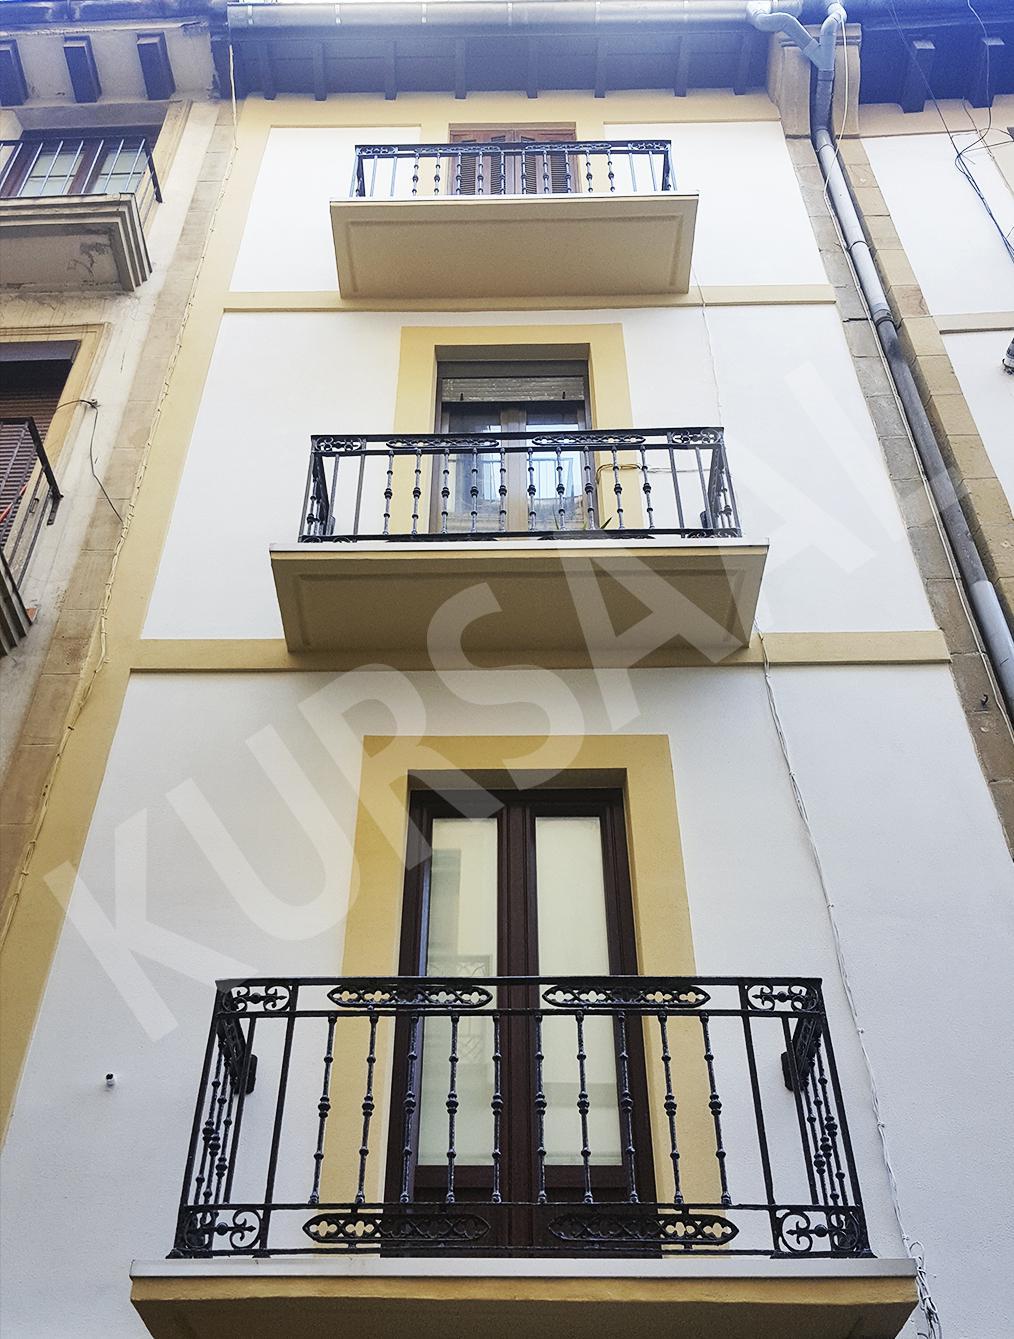 trabajo realizado en: Restauración y patrimonio-RESTAURACIÓN-DONOSTIA-Juan de Bilbao 4